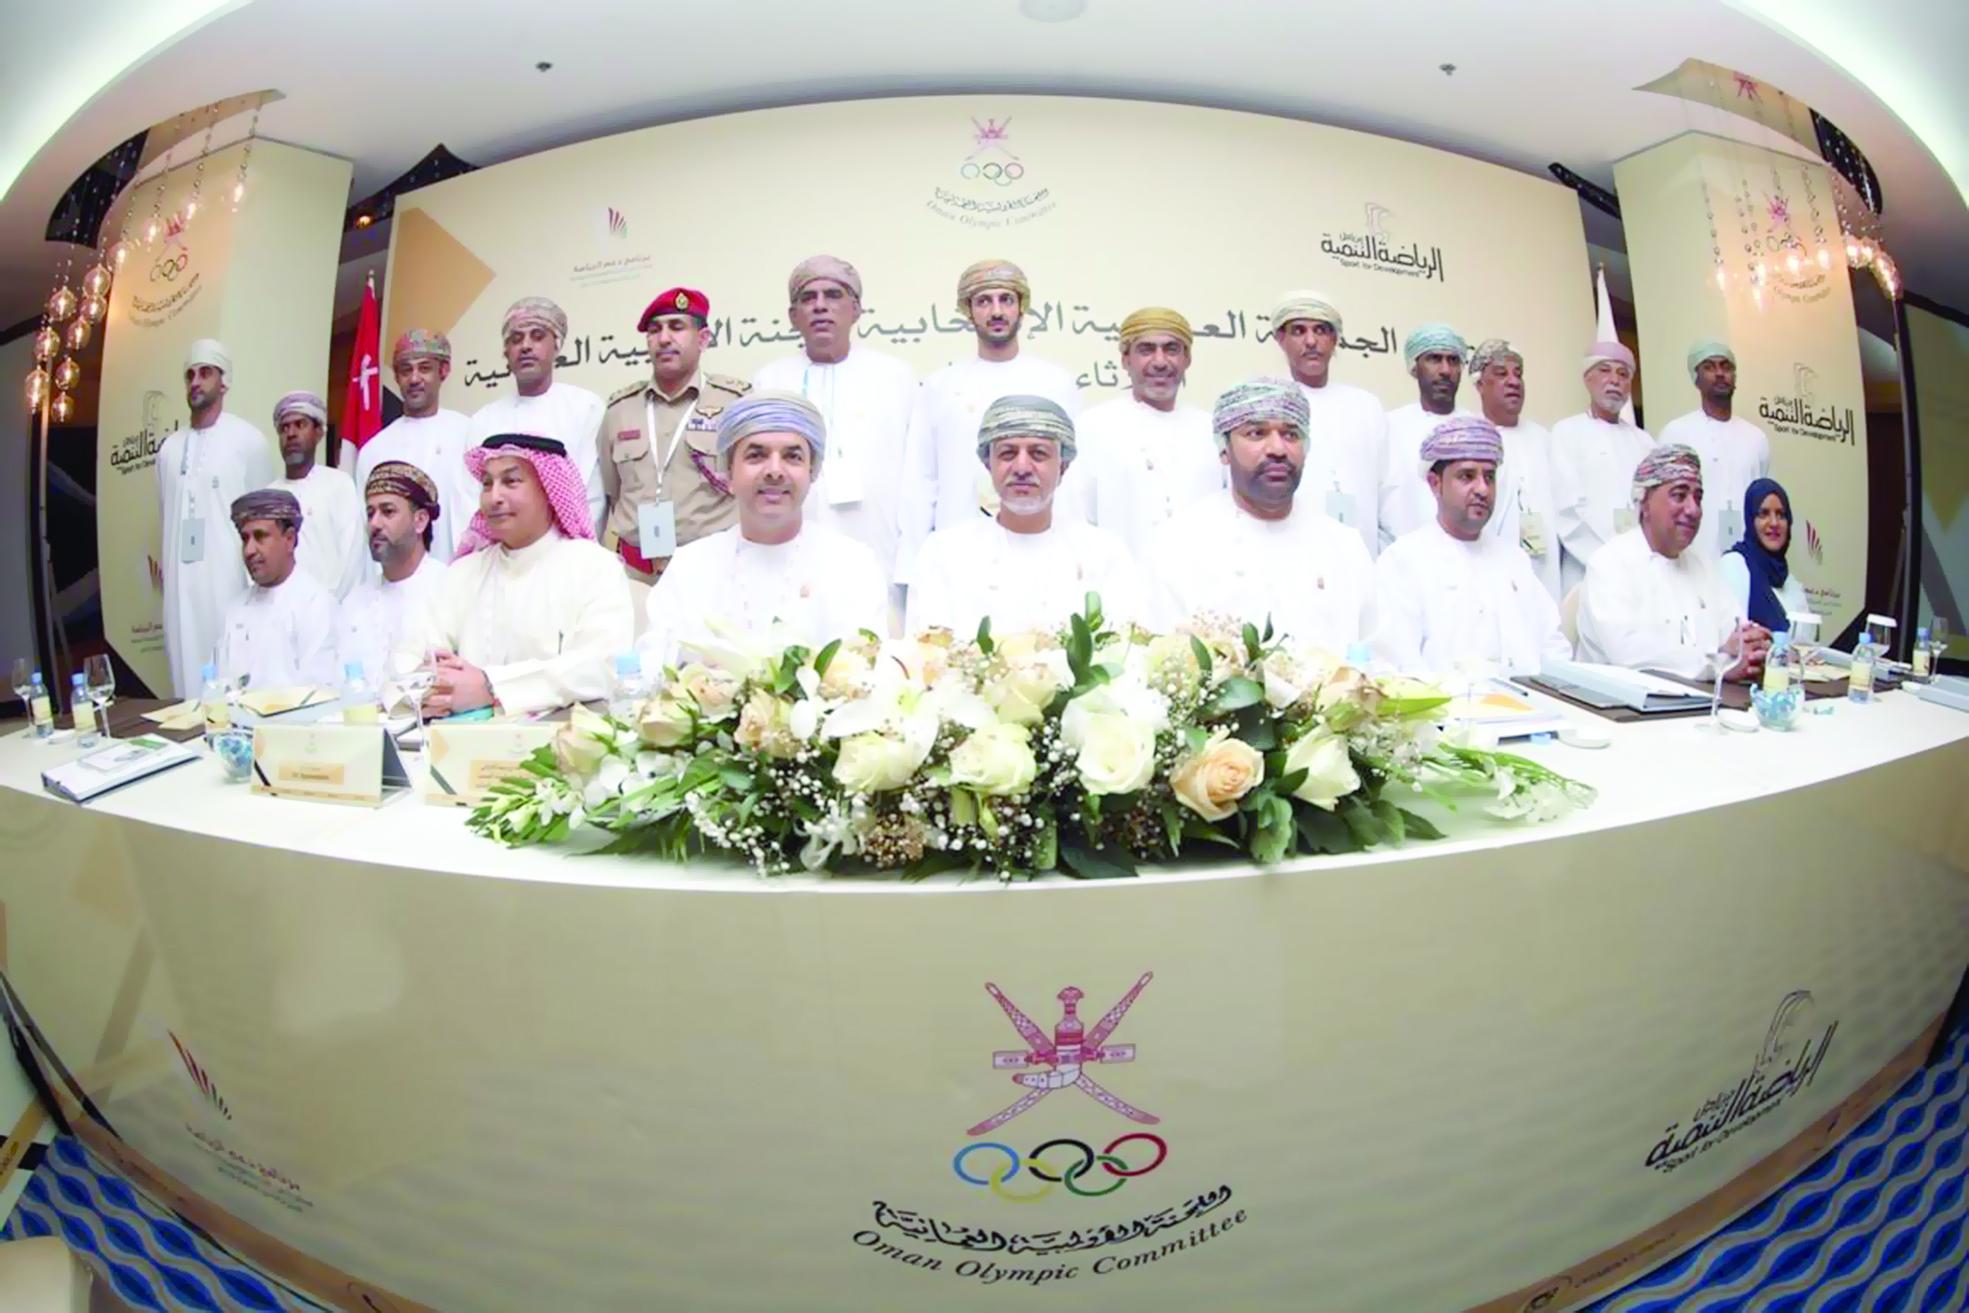 الأحد المقبل«عمومية» اللجنة الأولمبية العُمانية تعقد اجتماعها الاعتيادي لعام 2018